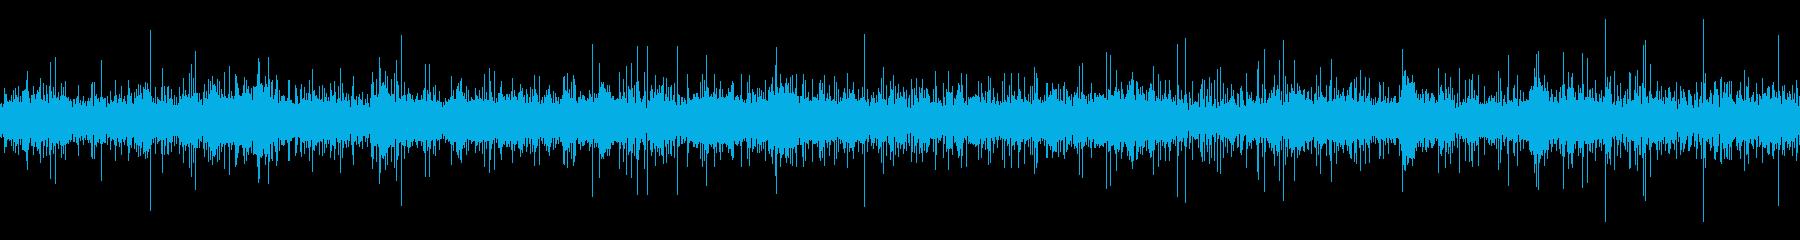 大浜海岸の波の音 9 【徳島】ループの再生済みの波形